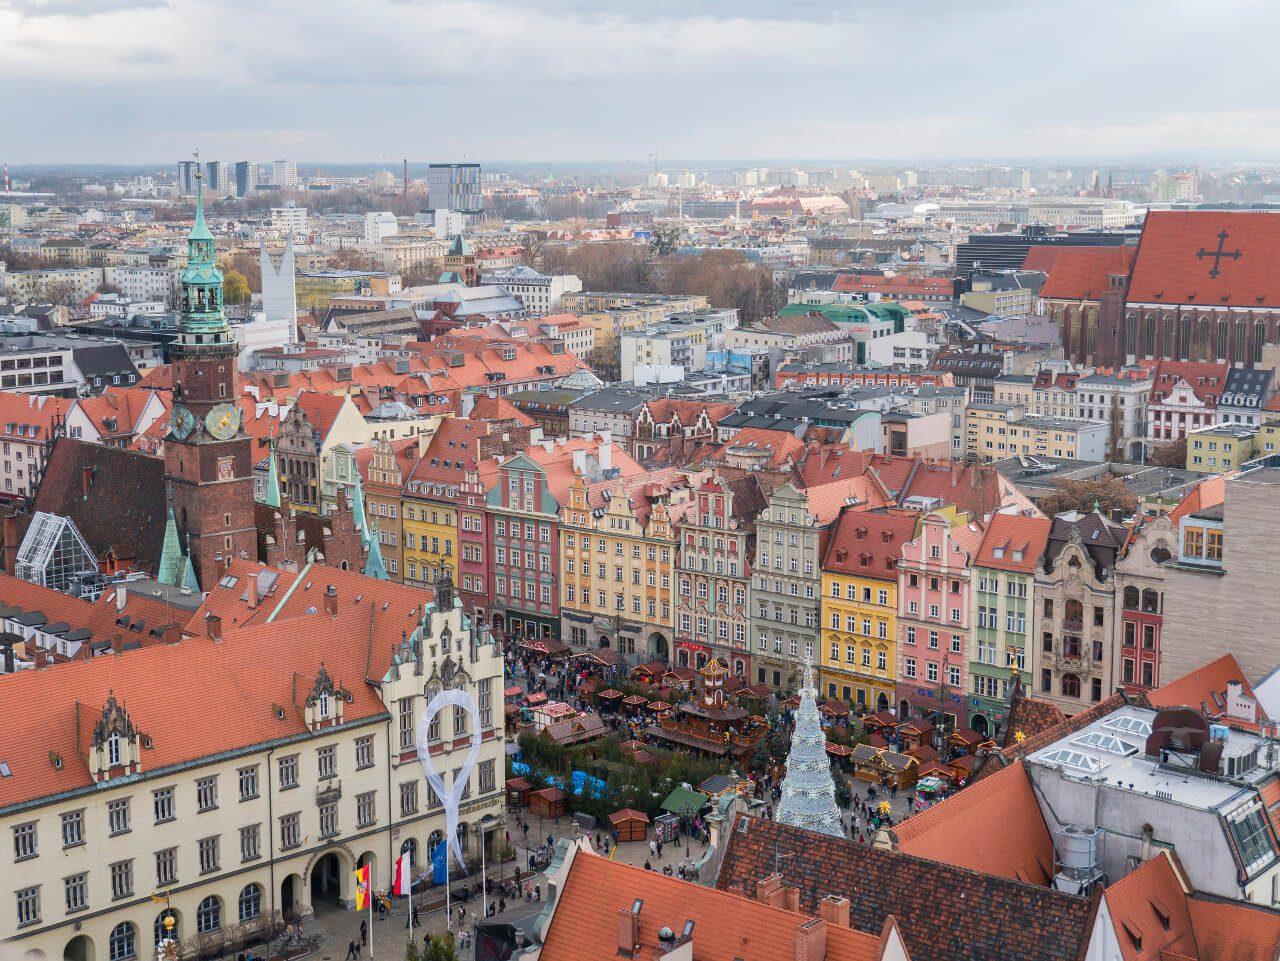 Widok na kamienice na wrocławskim rynku